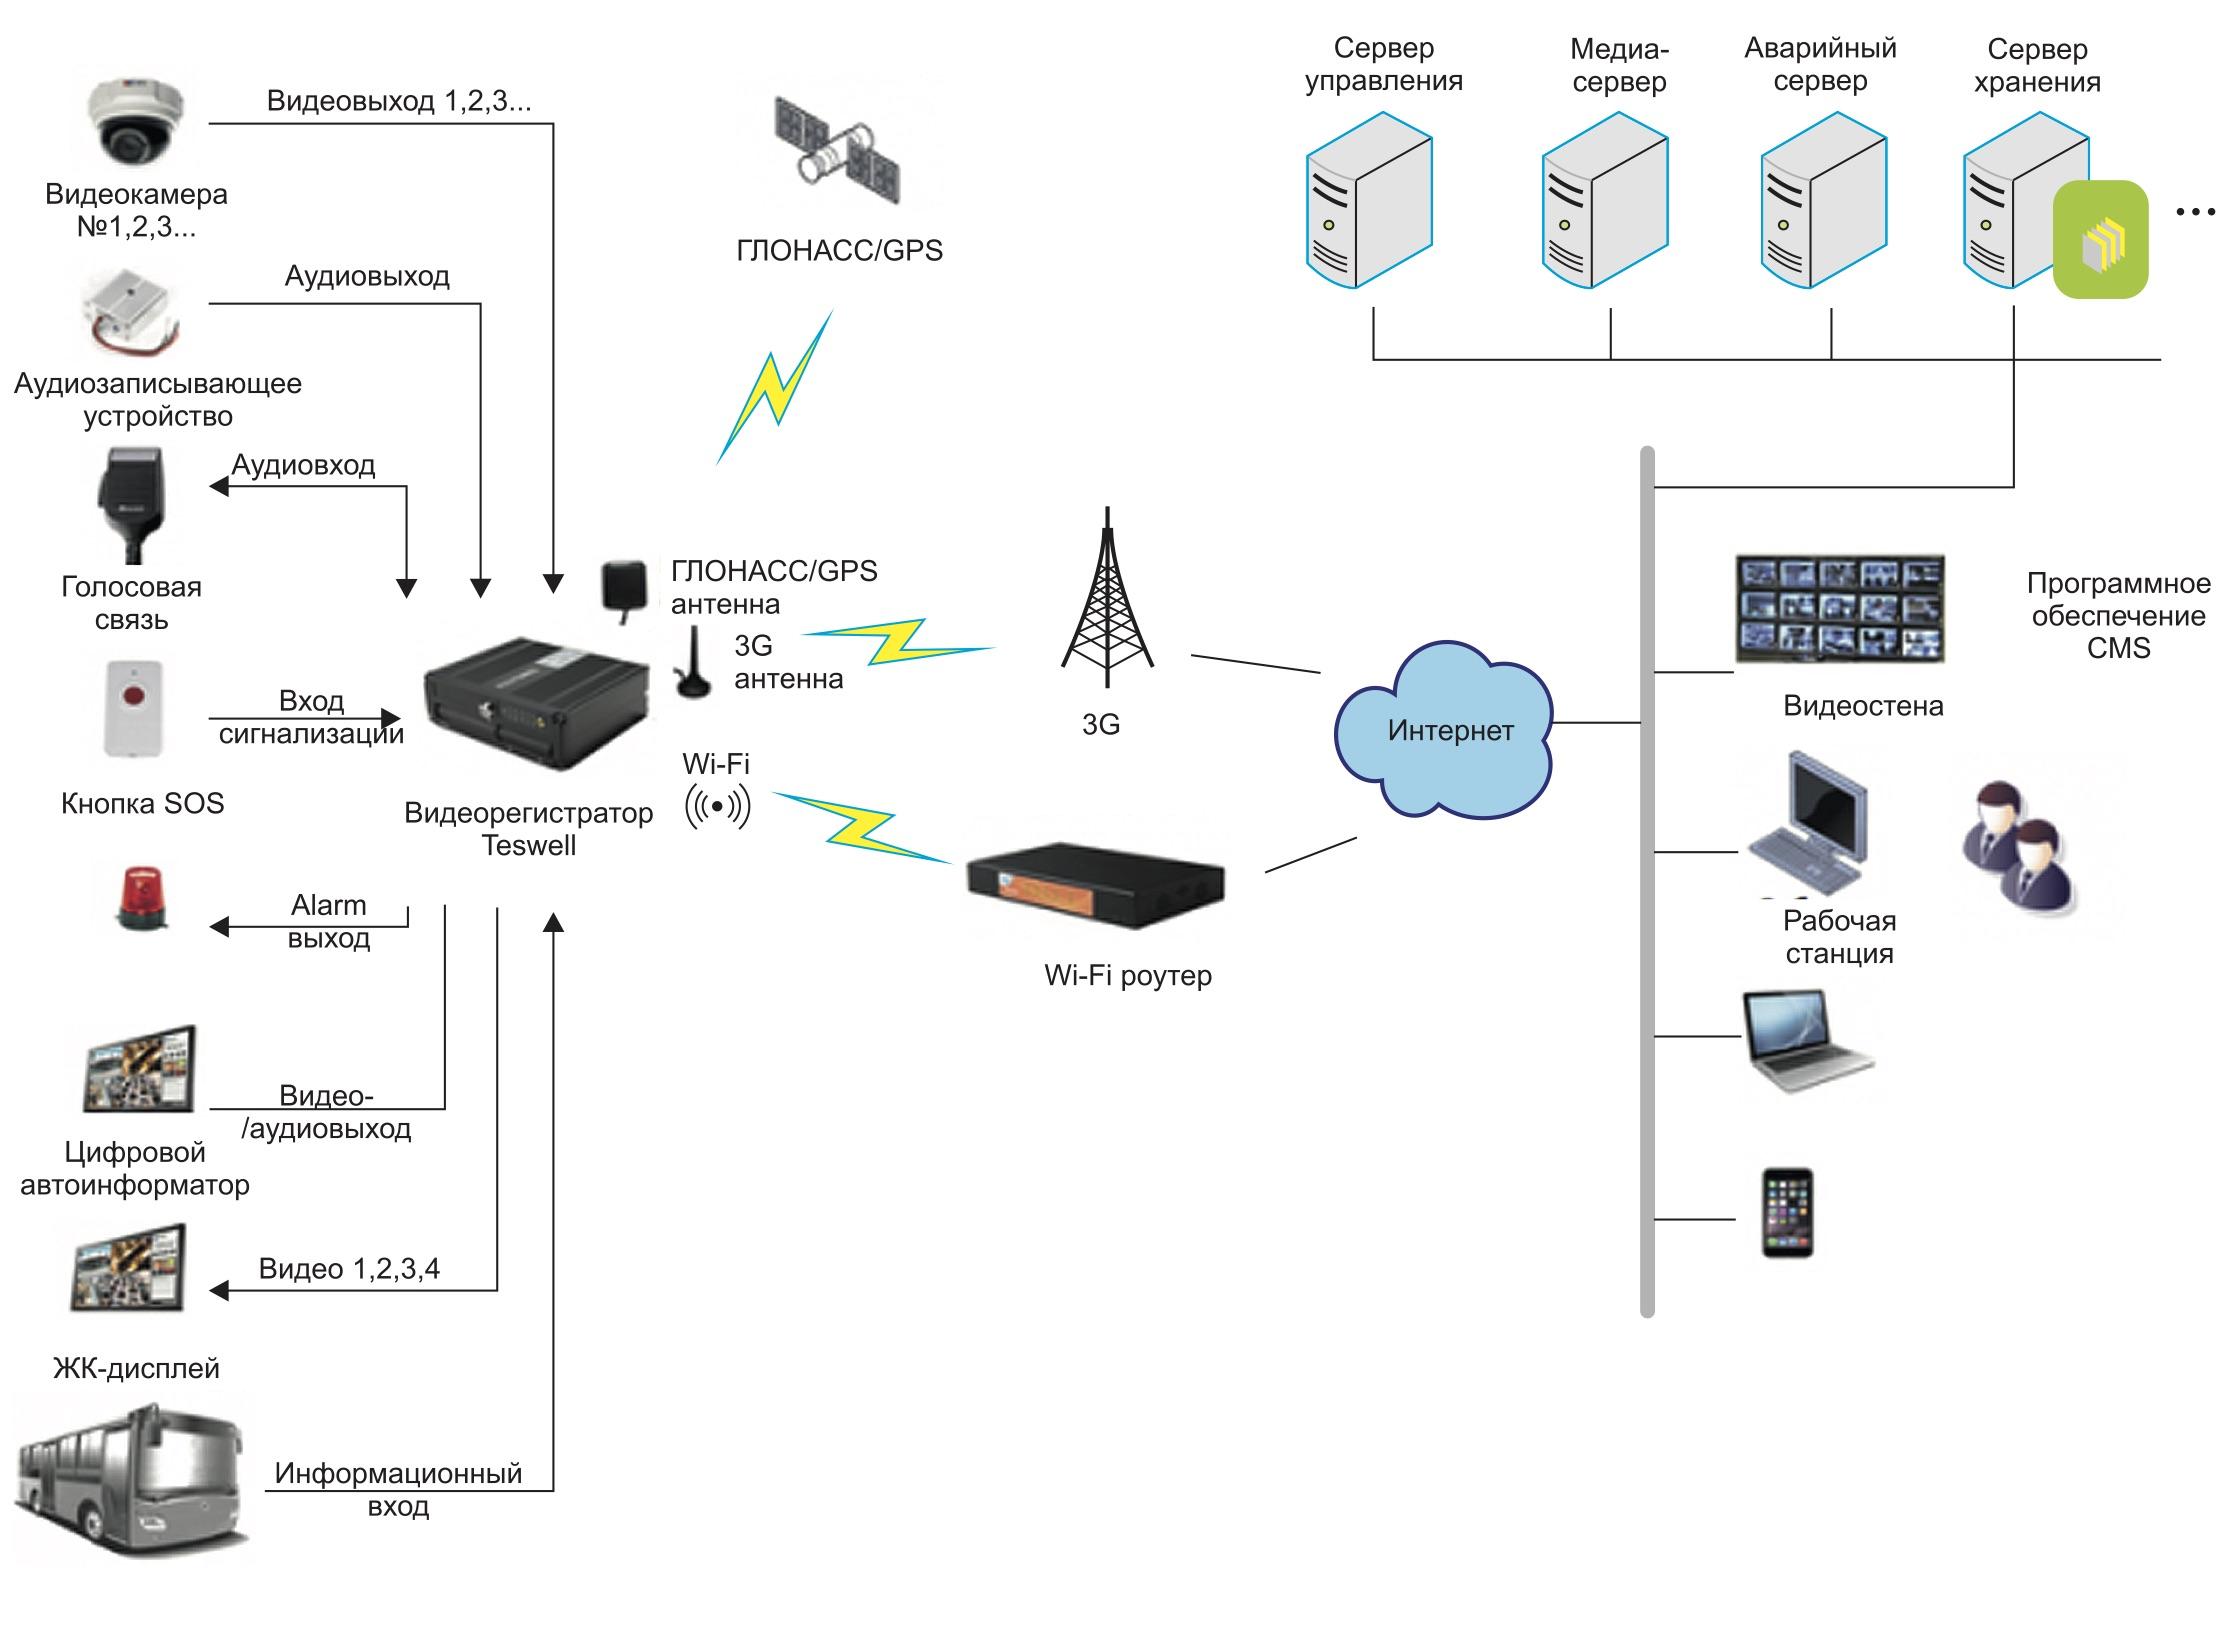 Типовая схема возможностей видеорегистраторов при их установке на пассажирский транспорт - Мониторинг транспорта